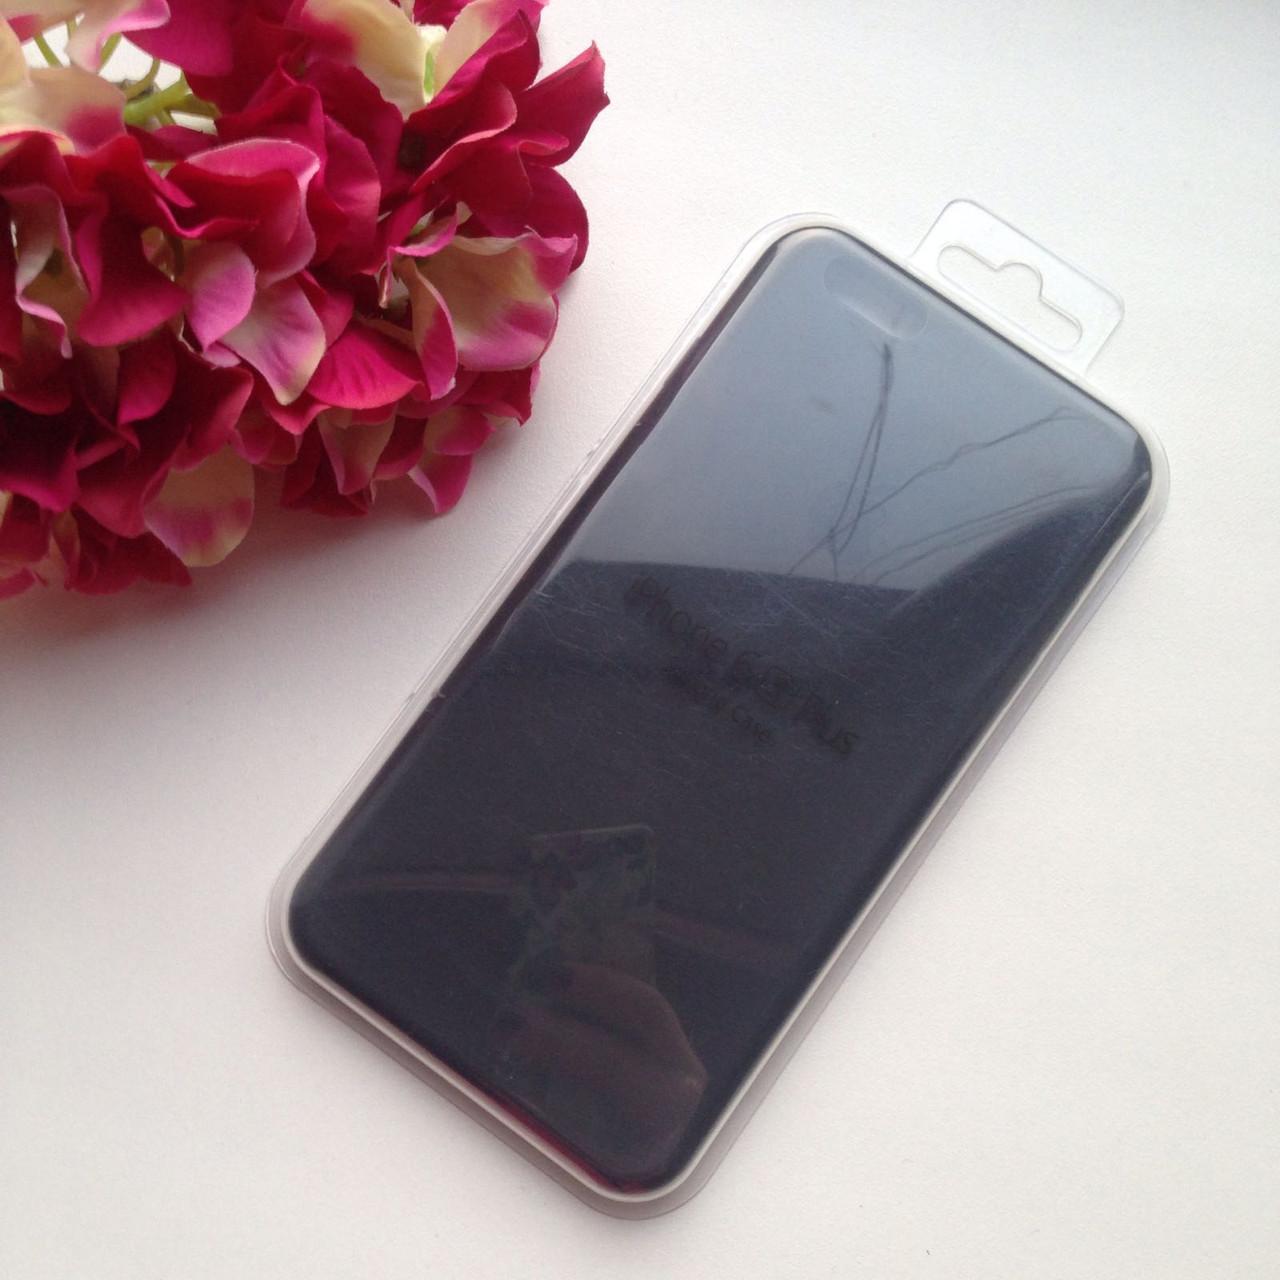 Оригинальный силиконовый чёрный чехол для iPhone 6 plus/6s plus